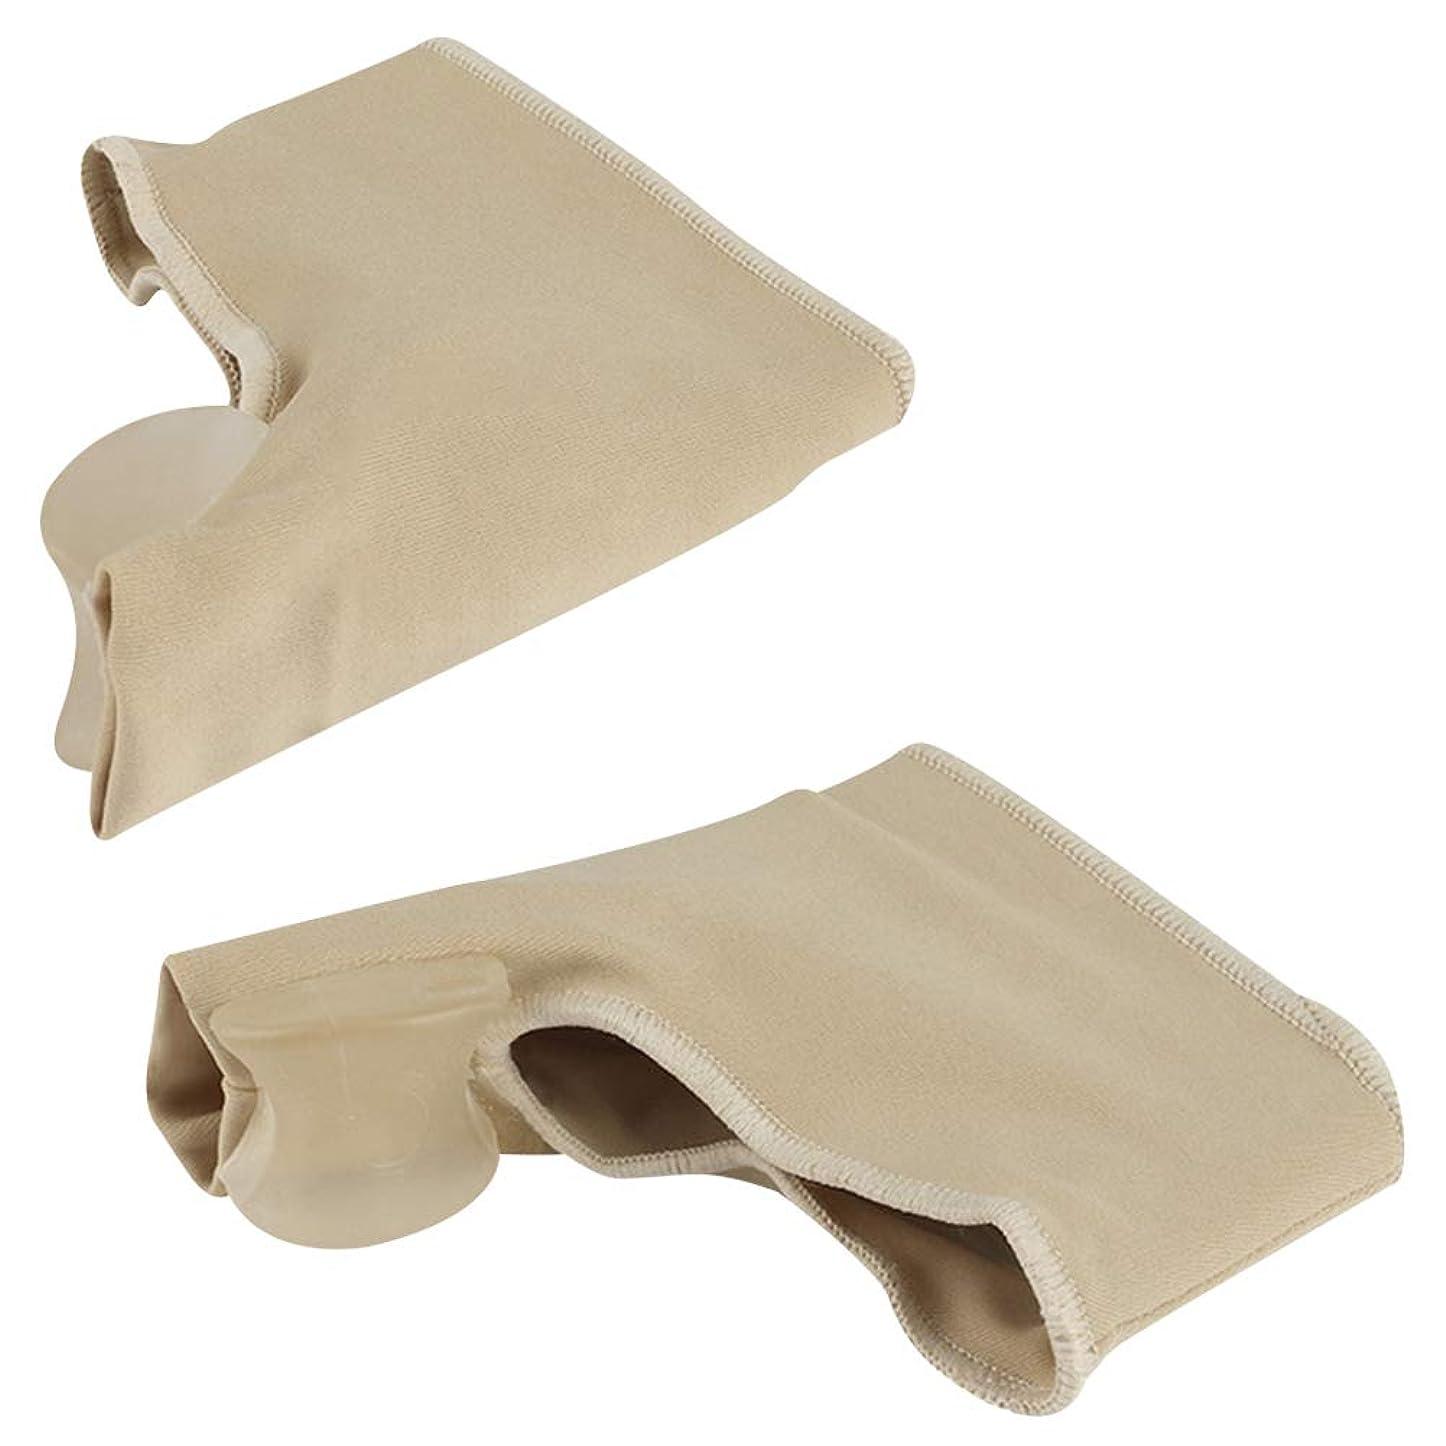 代理人手首郡OUYOU 足指サポーター 足指を広げる 外反母趾 足指矯正パッド 血行促進 シリコン (M)